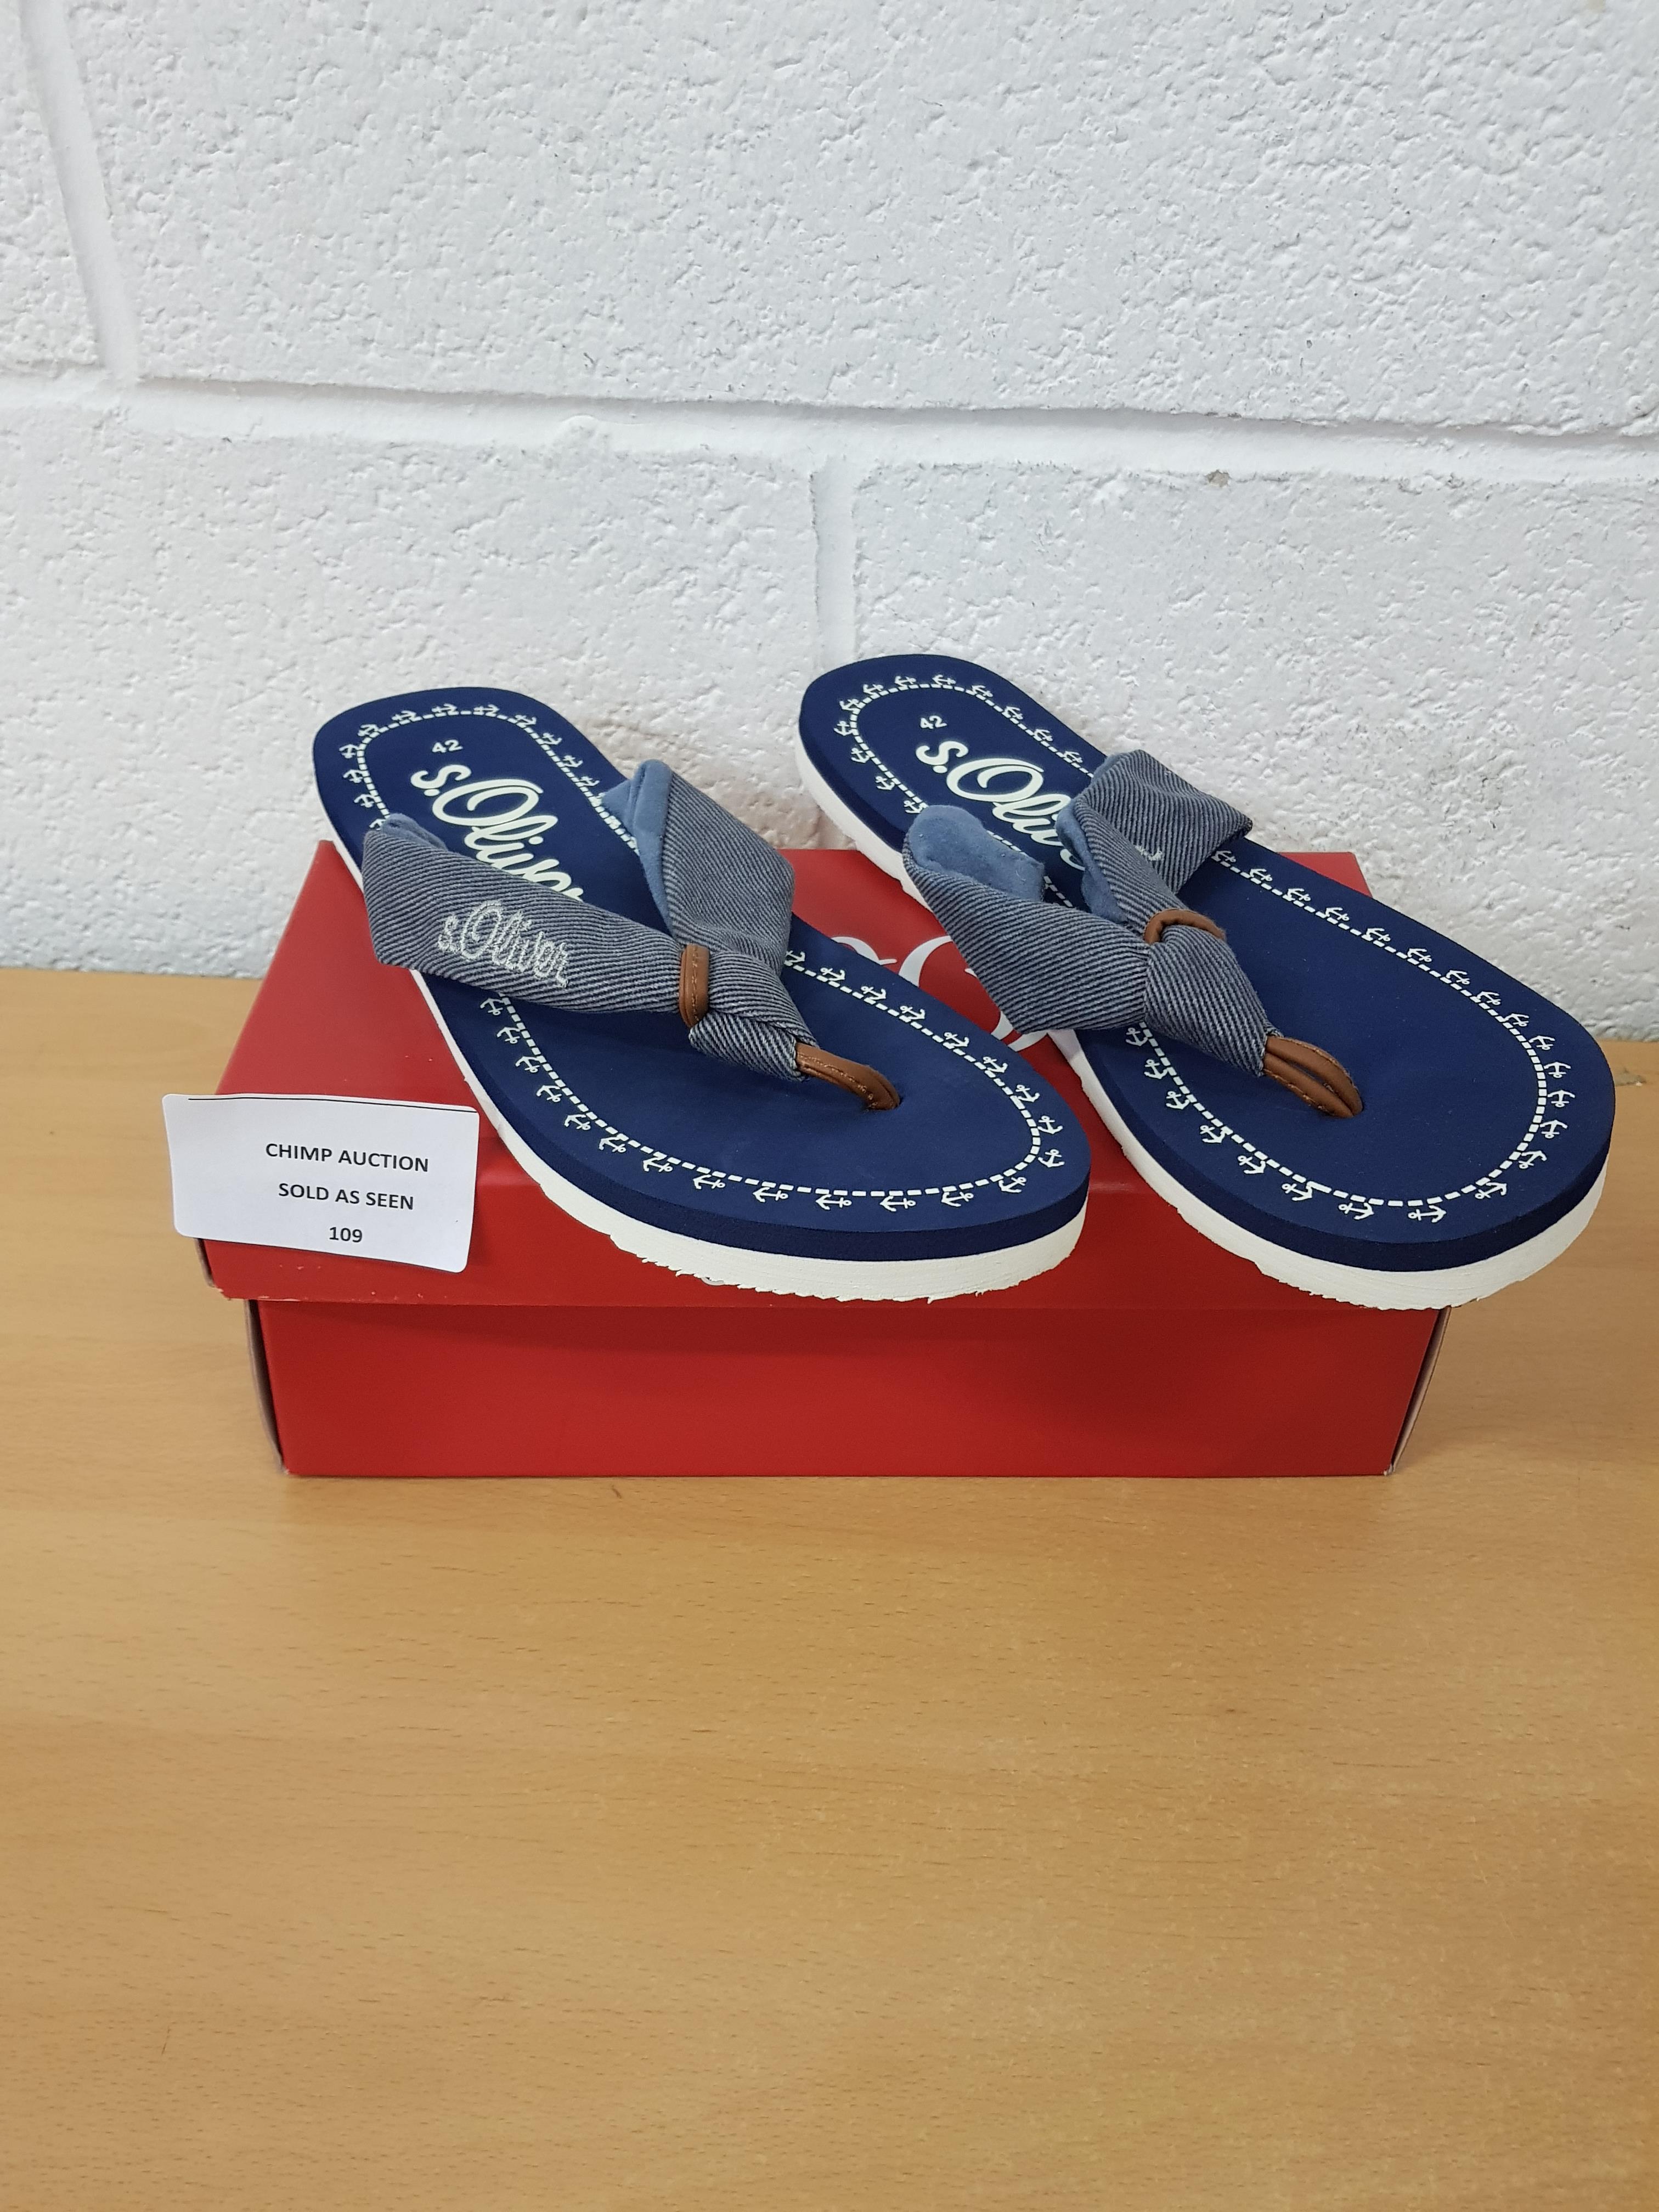 Lot 109 - S. Oliver sandals EU 42